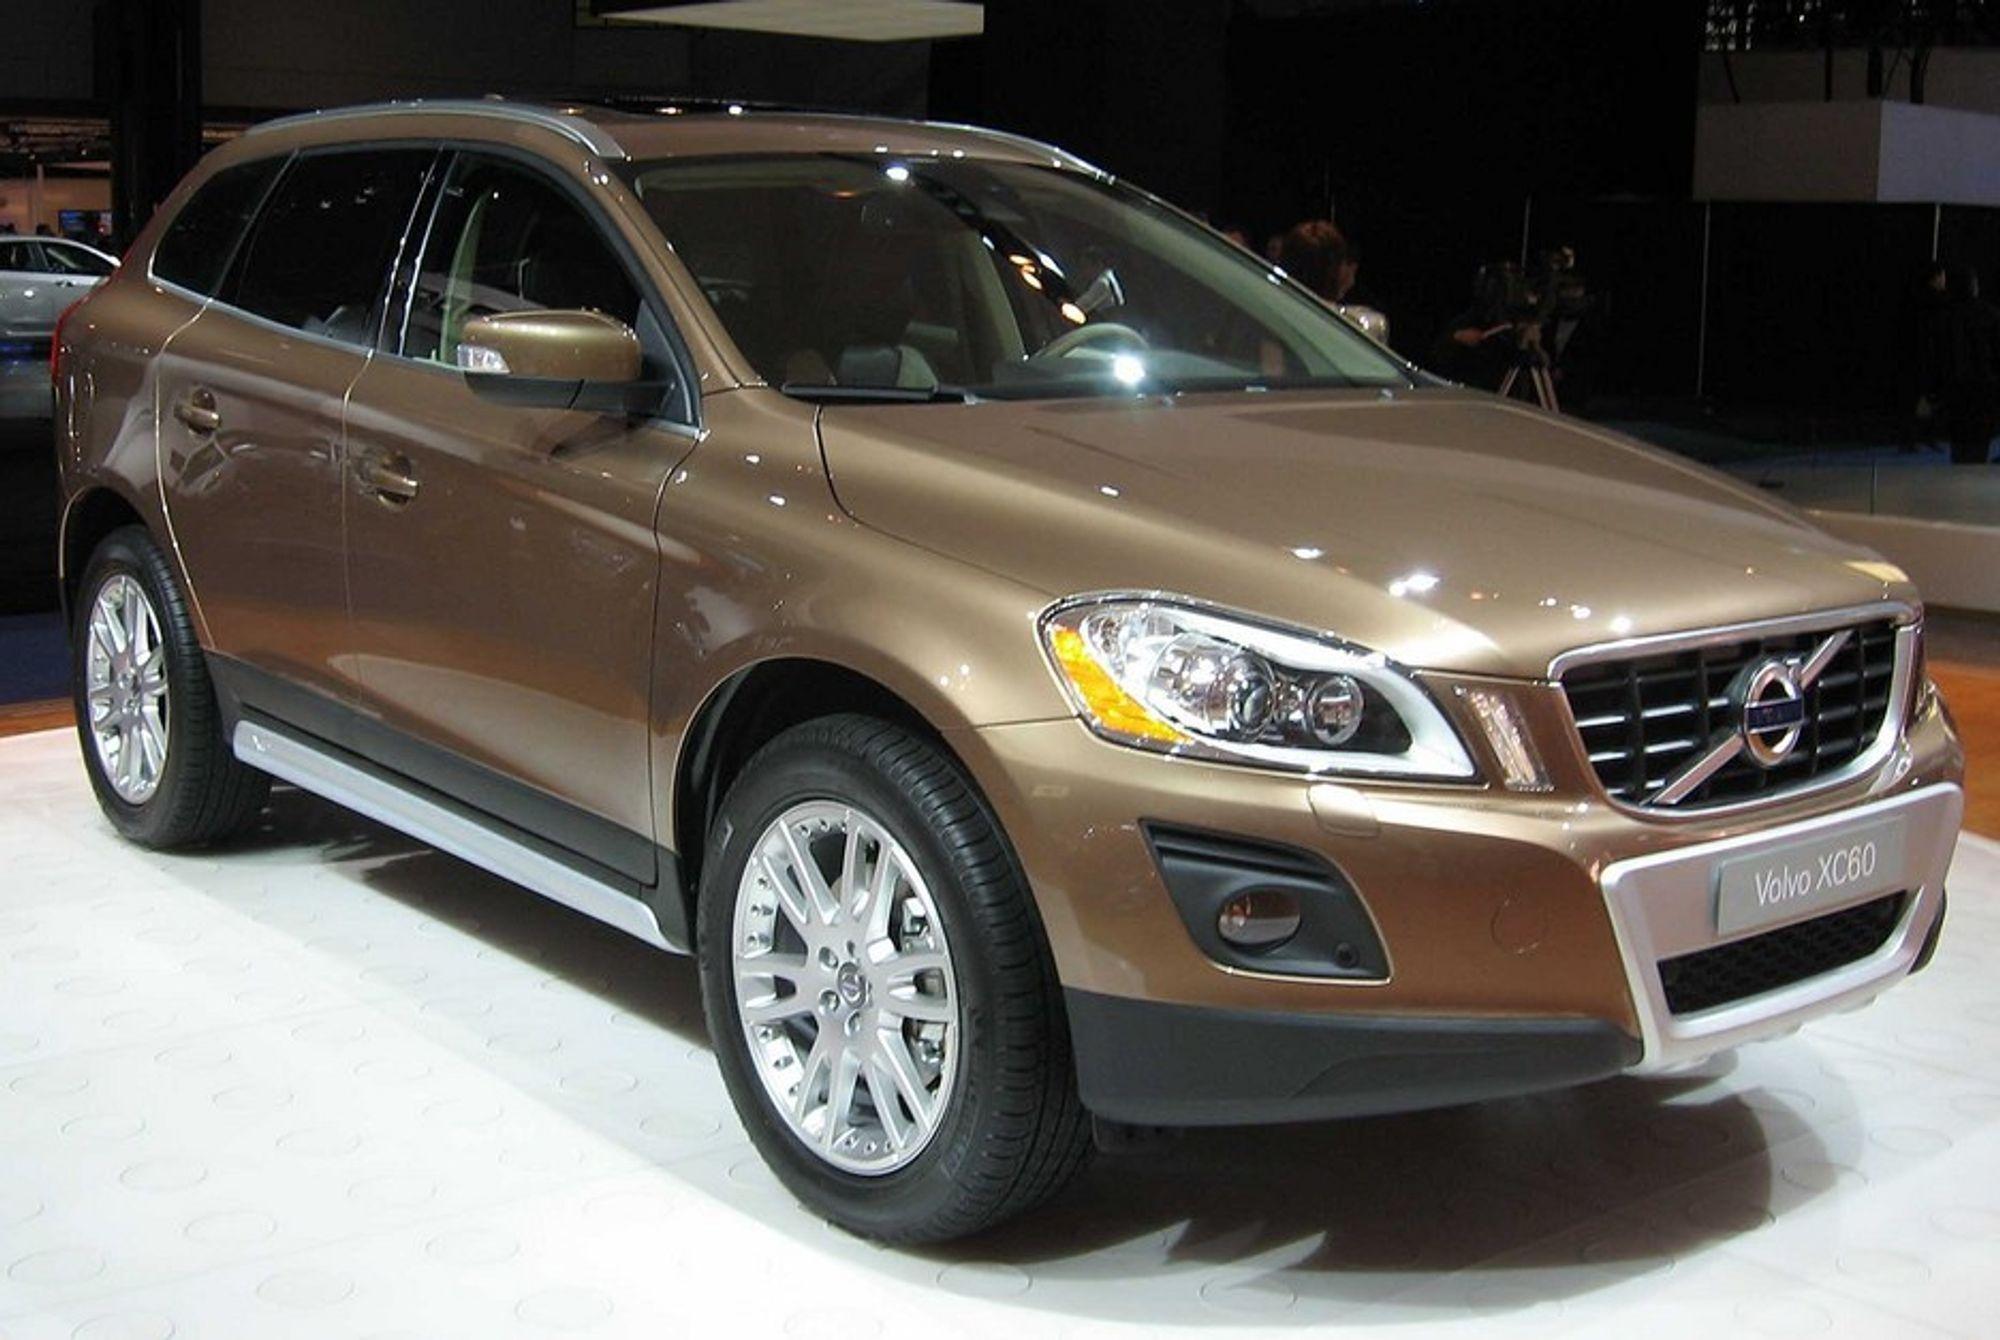 SALGSSUKSESS: Mellomstore SUV-biler i premiumsegmentet, som Volvo XC60, selger meget bra. XC60 leder salgsstatistikken i dette segmentet.